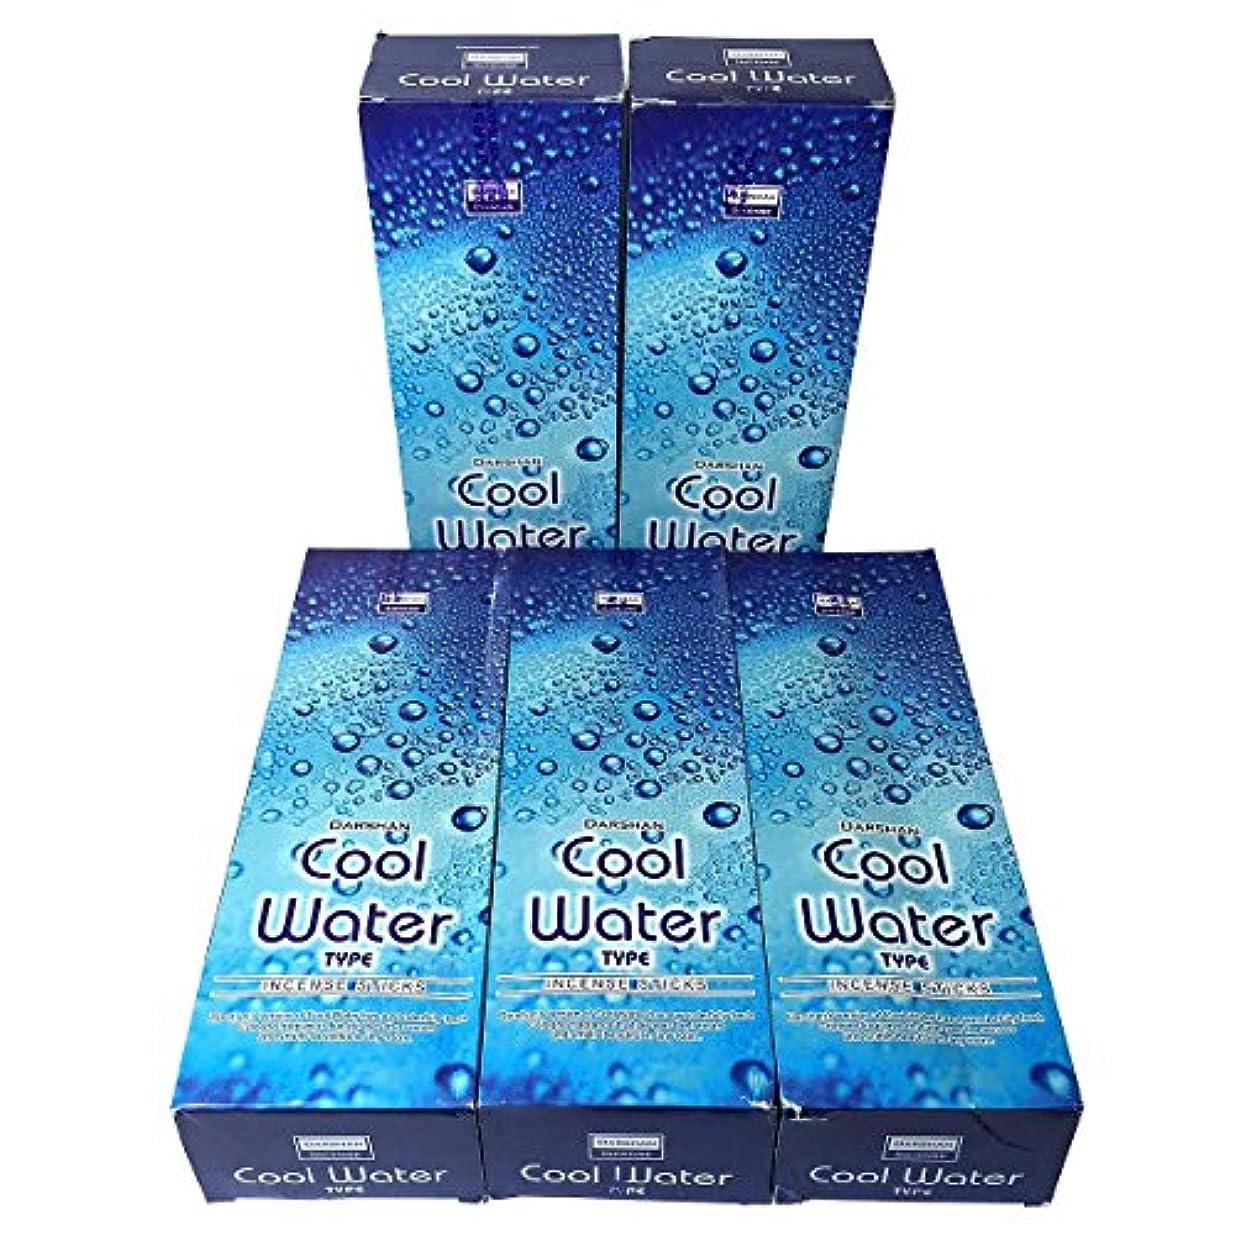 レルムペン観光に行くクールウォーター香スティック 5BOX(30箱)/DARSHAN COOL WATER/ インド香 / 送料無料 [並行輸入品]